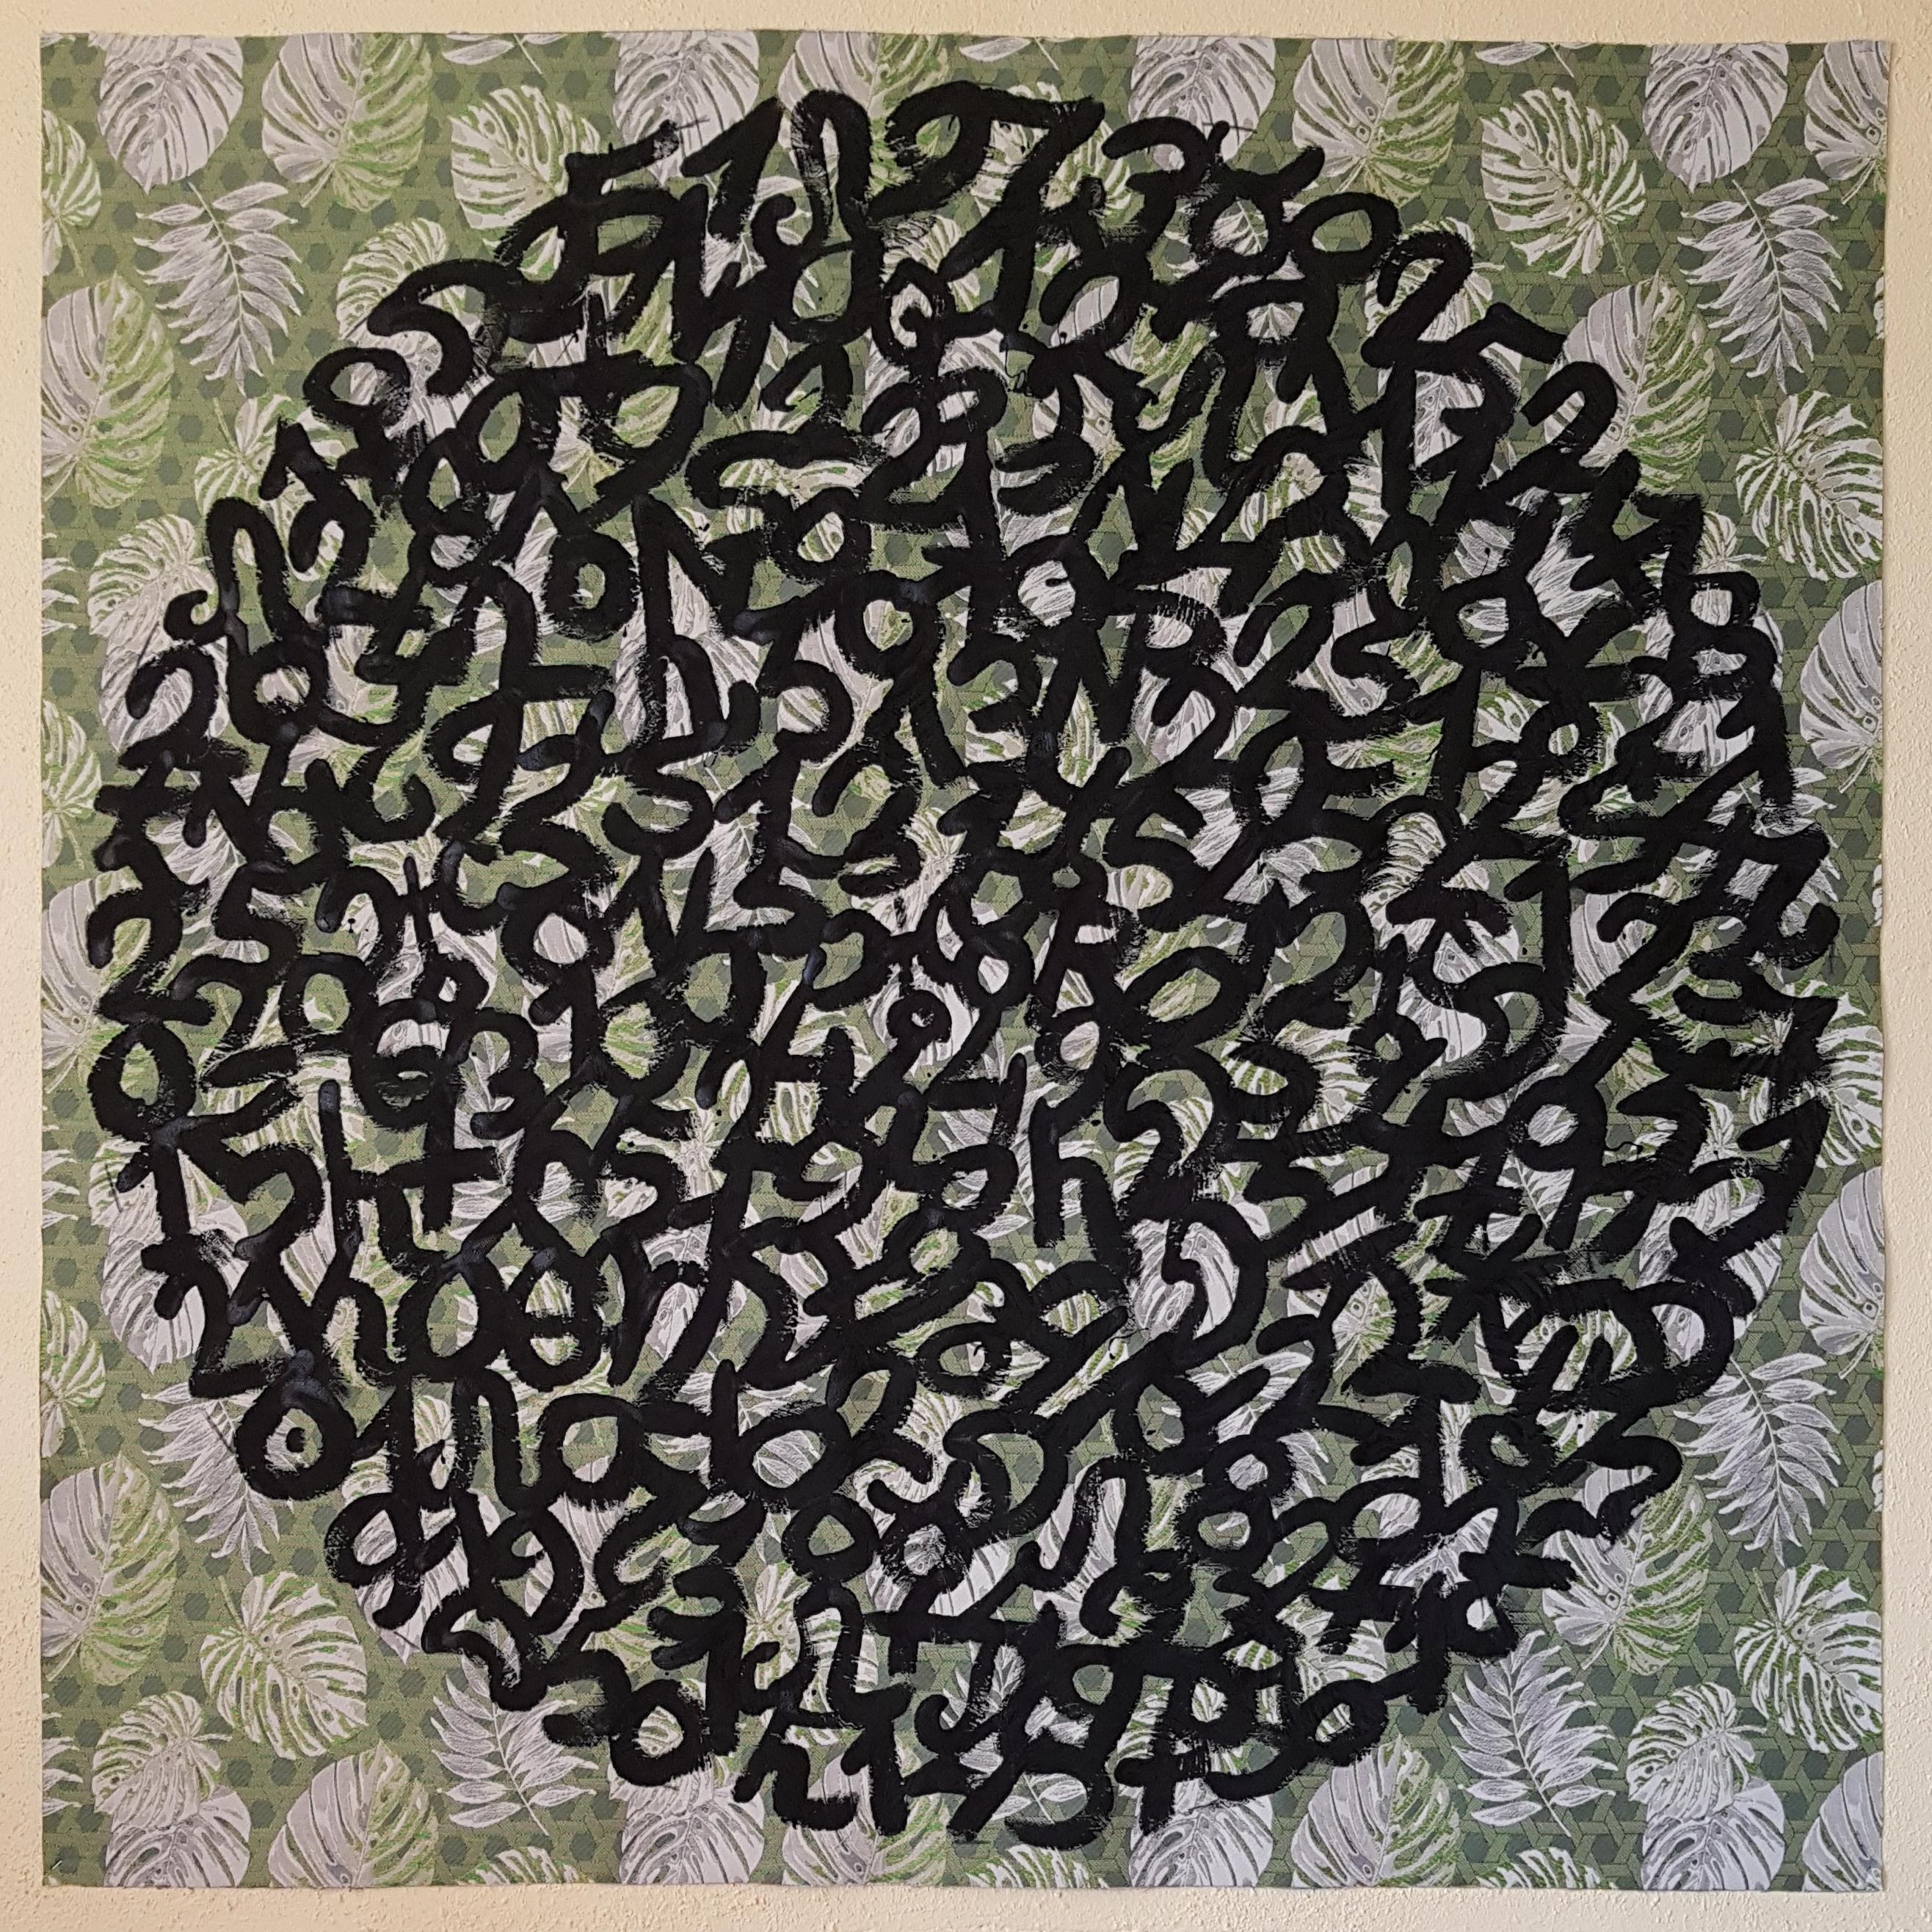 Mappemonde Peinture 12.08.2019, acrylique sur tissu libre, 137 x 137 cm. Représentation de Mappemonde par la notation de la position des planètes le 12 août 2019.